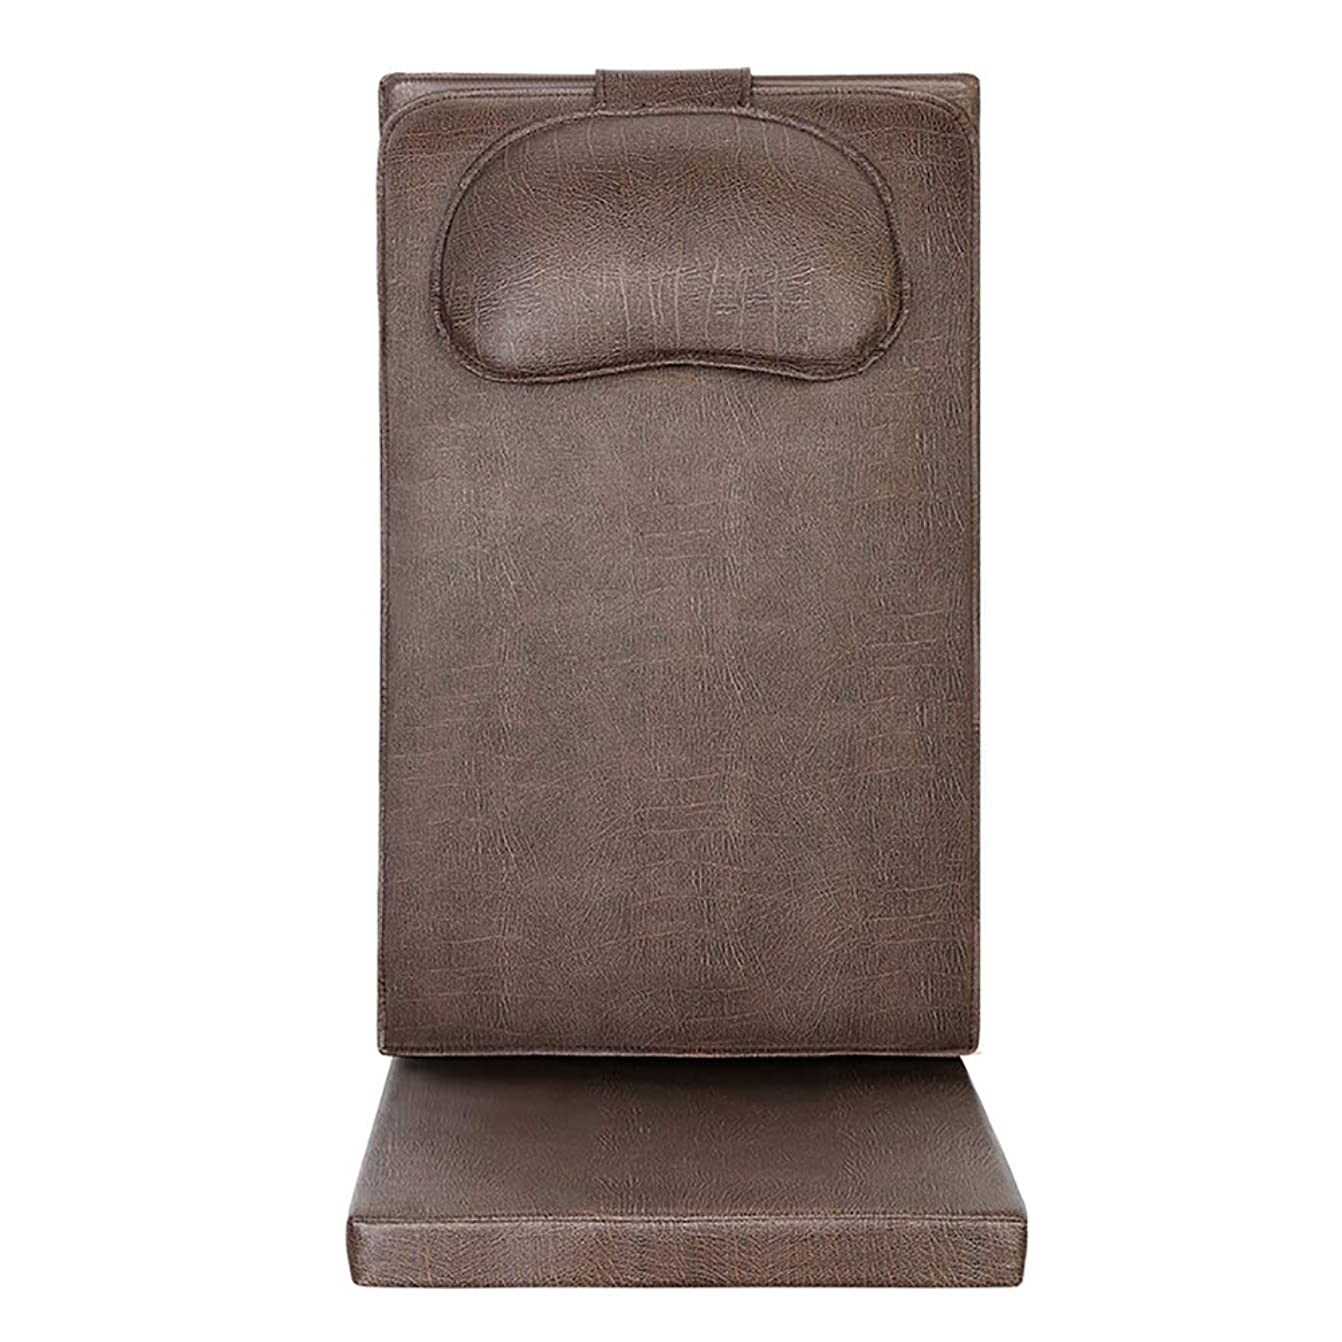 構成員心理学払い戻し背部マッサージのマット、マッサージの椅子パッド、人間工学的の流線形の設計は、家かオフィスのための肩及び背中の痛みからの圧力か張力を取り除きます